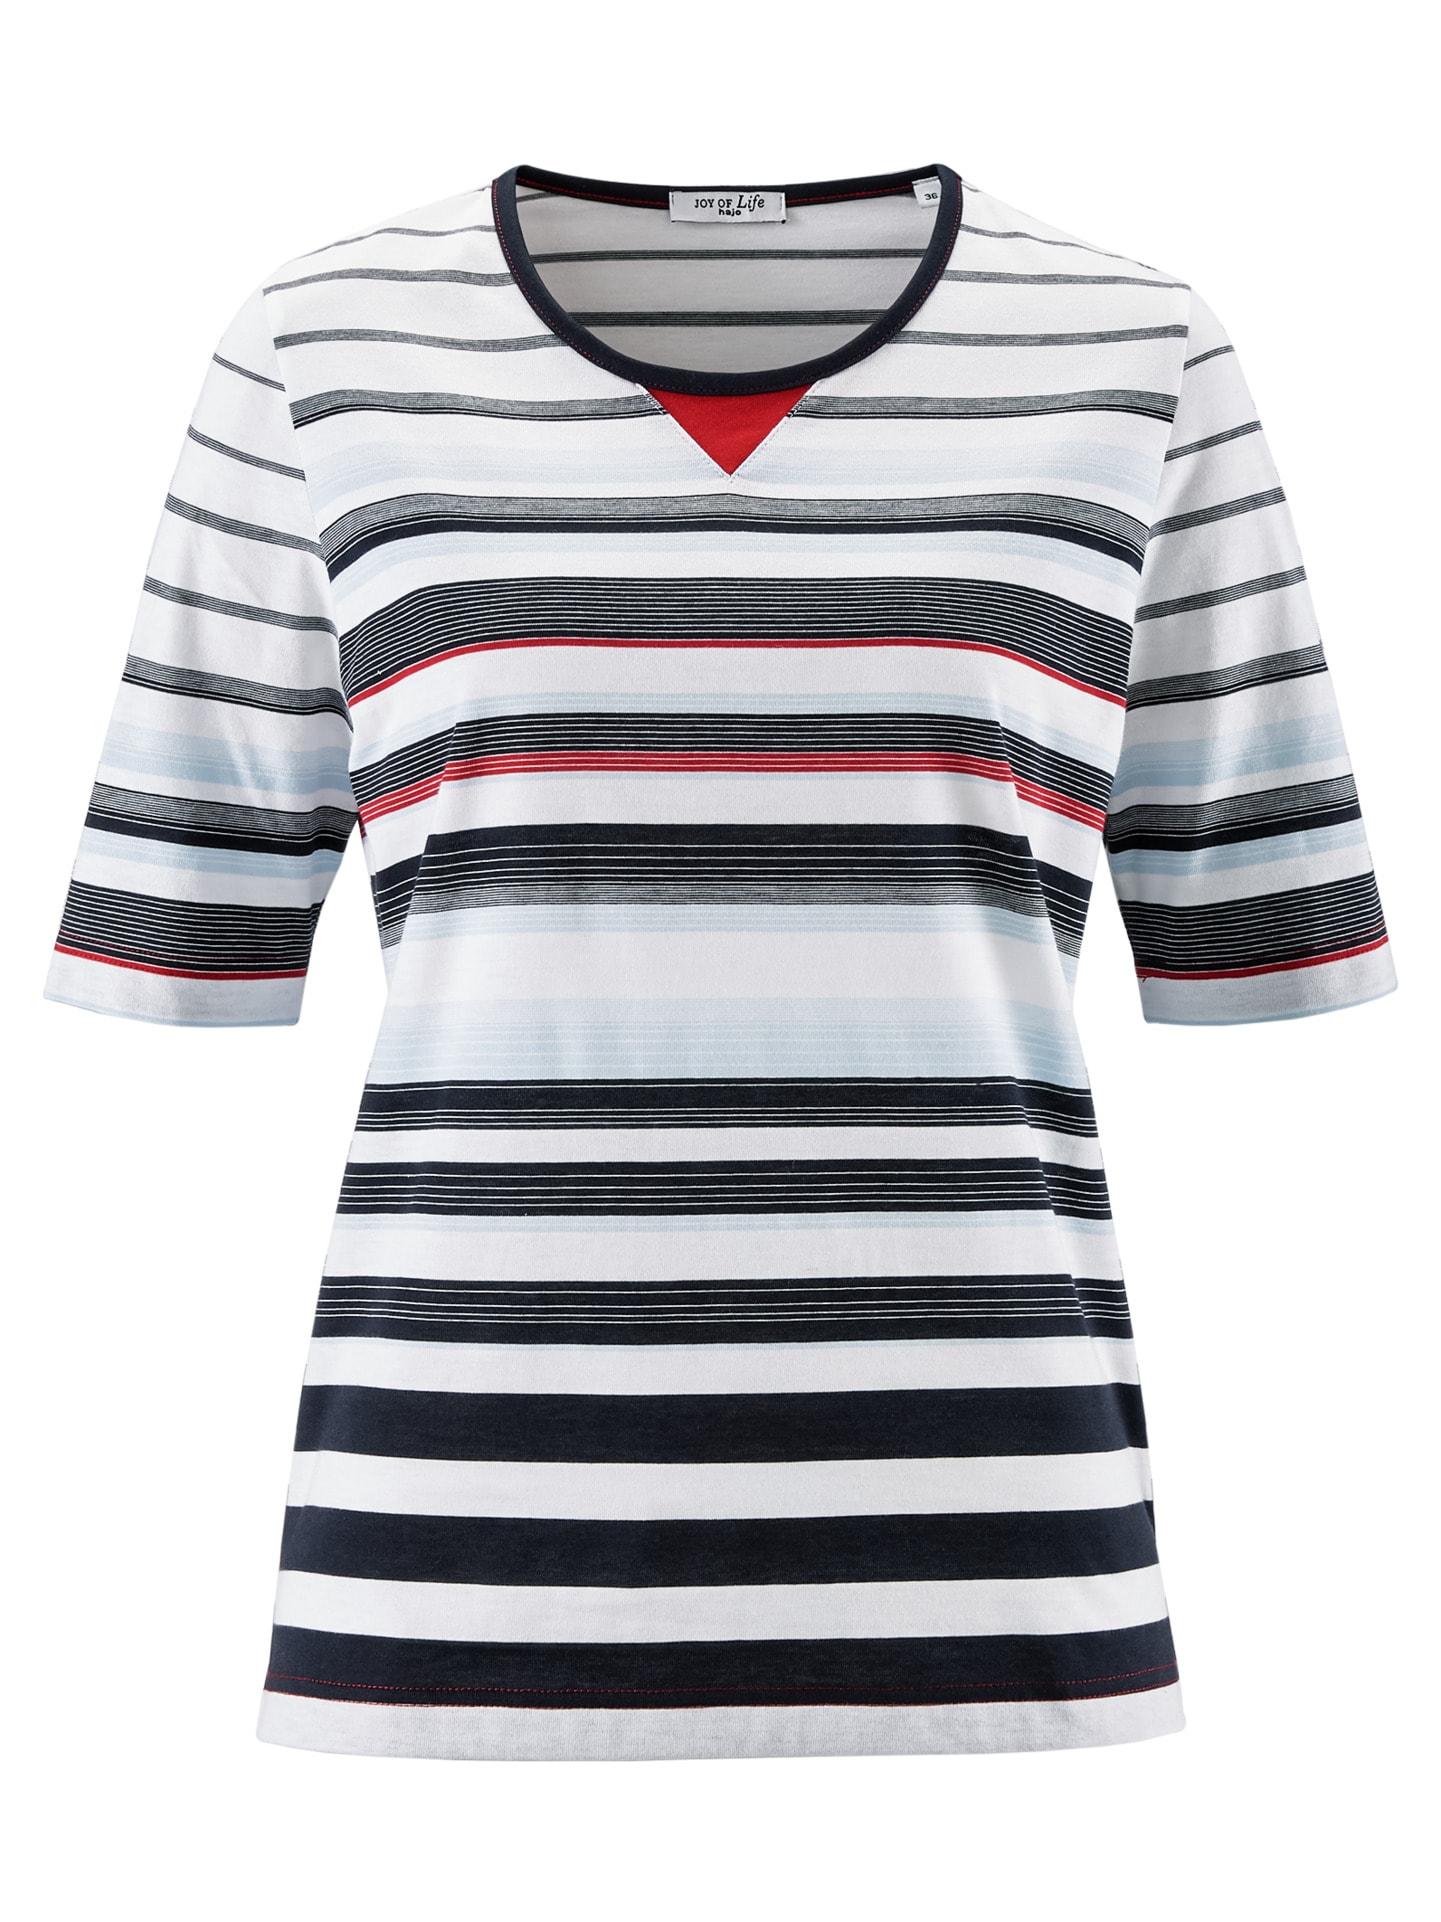 Avena Damen T-Shirt Maritim Weiß 43-5029-1